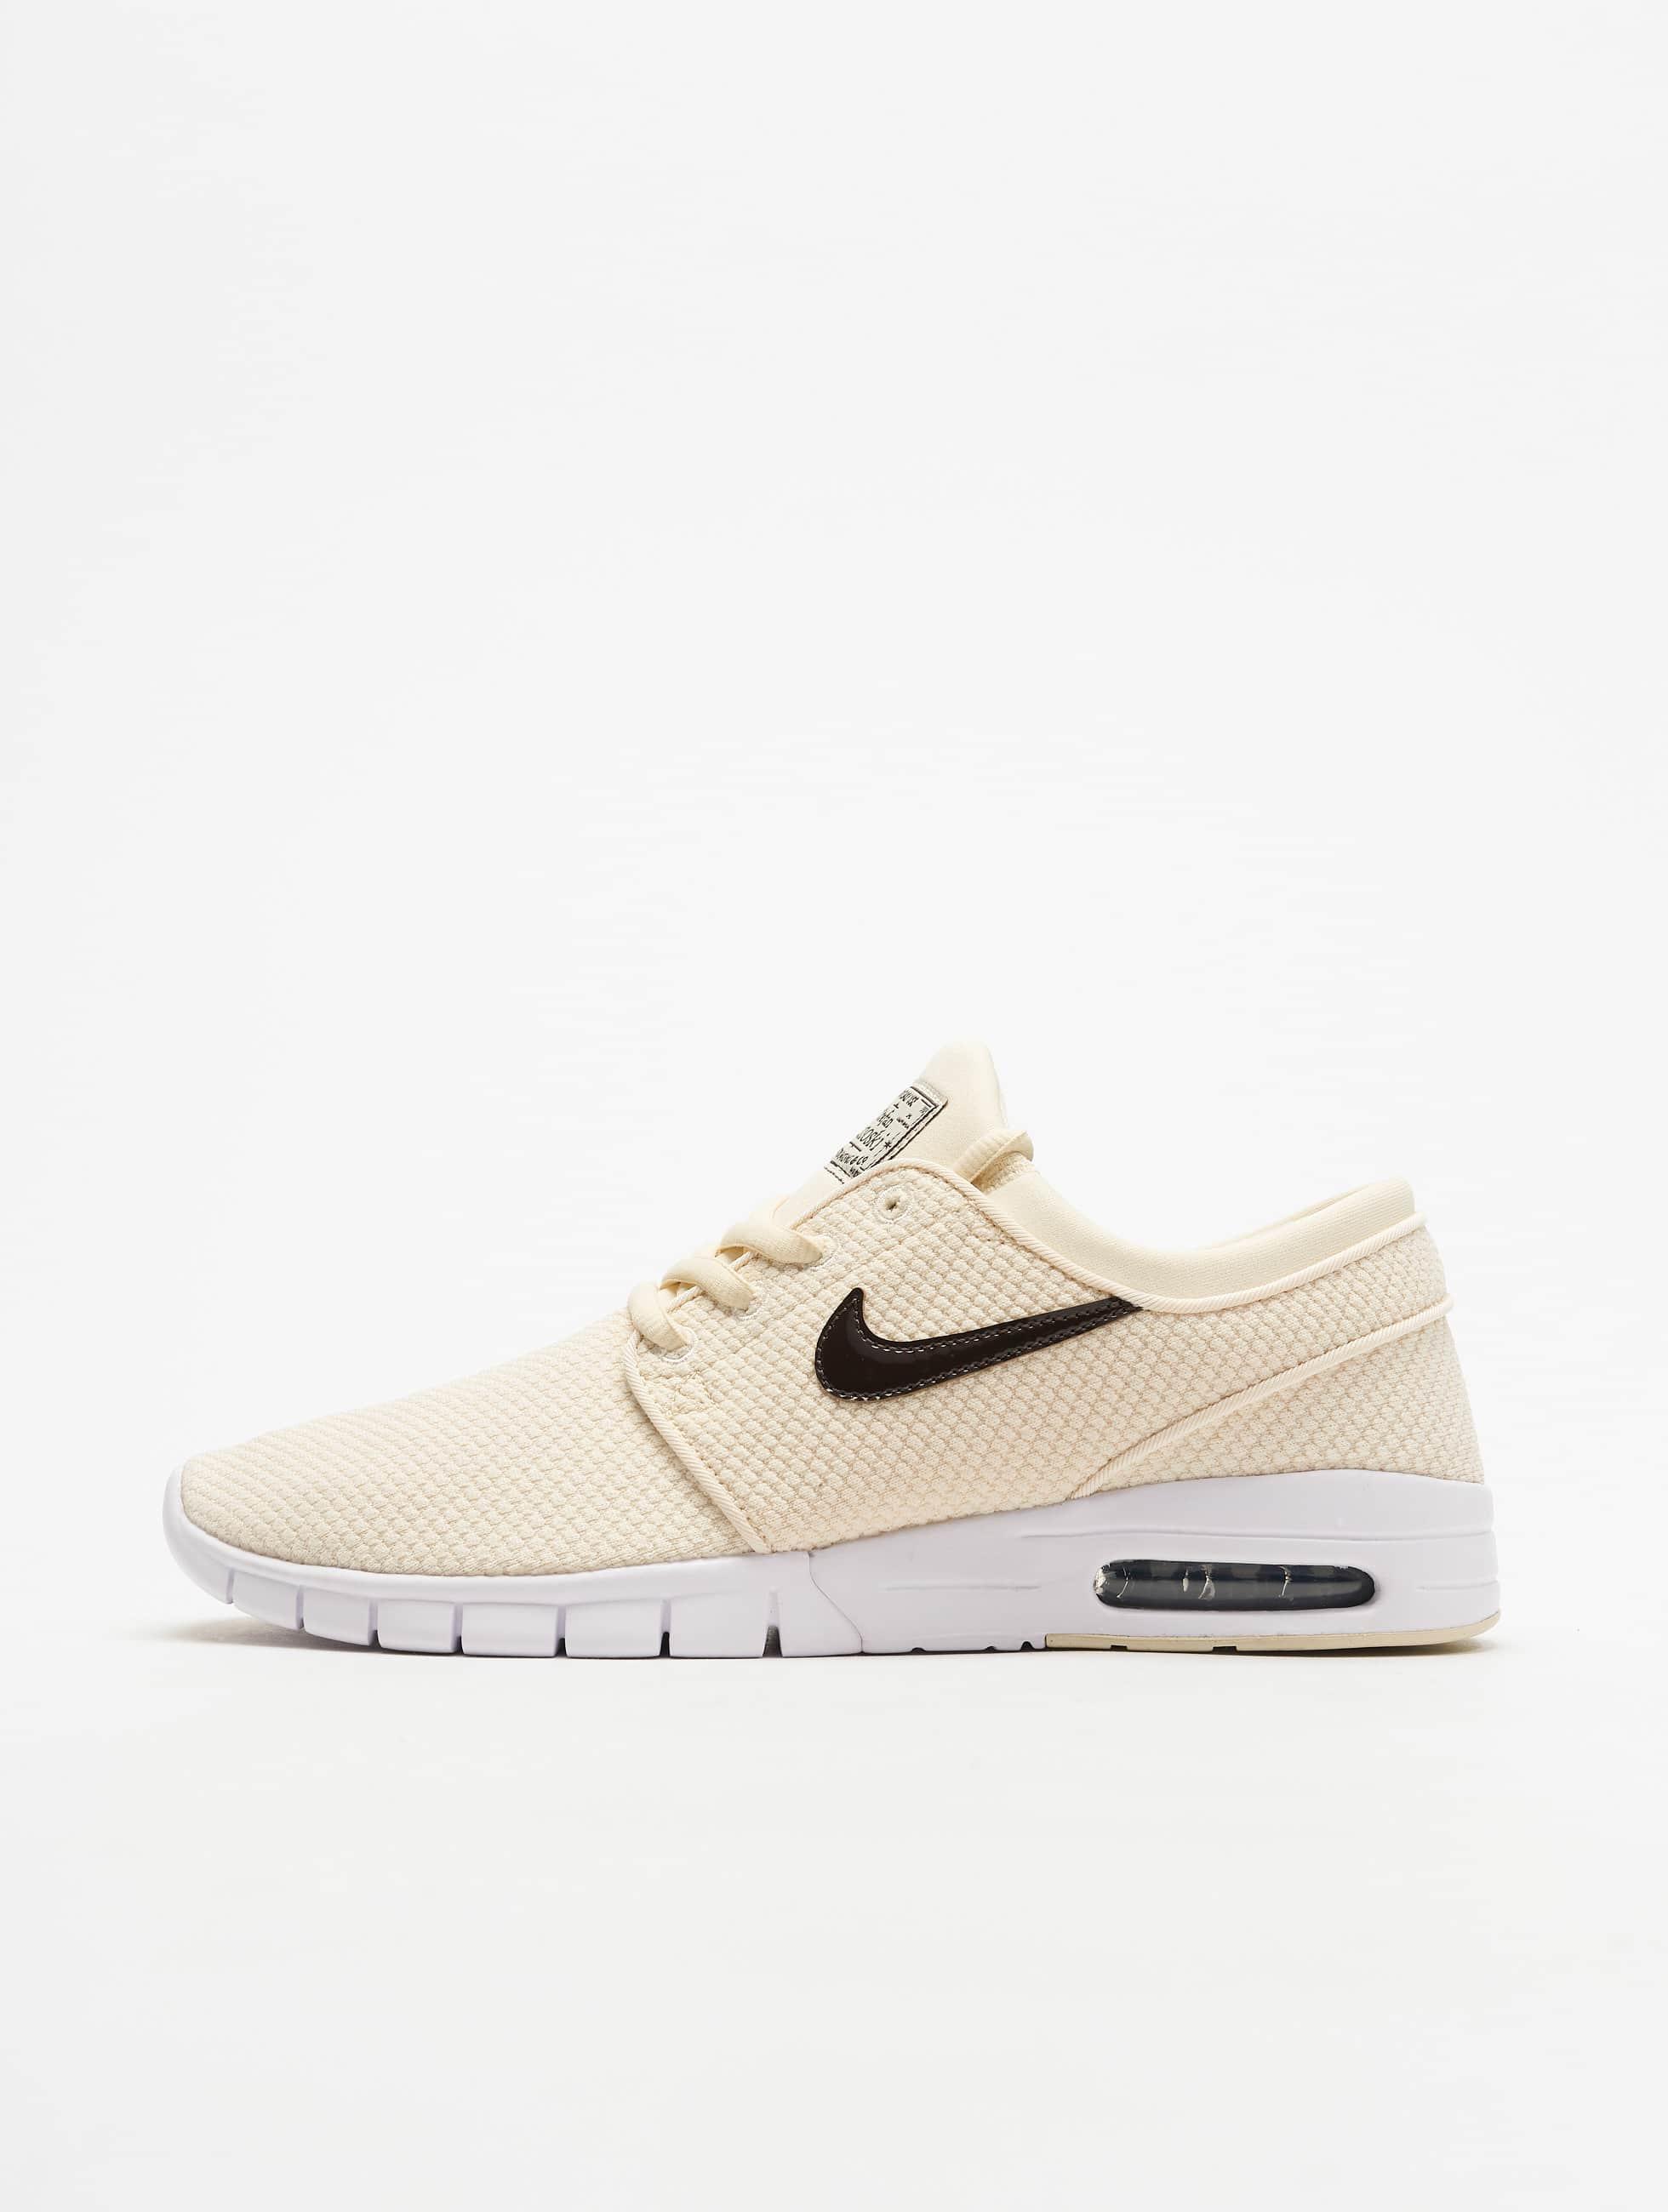 Nike SB Stefan Janoski Max Sneakers Light Cream/Velvet Brown/White